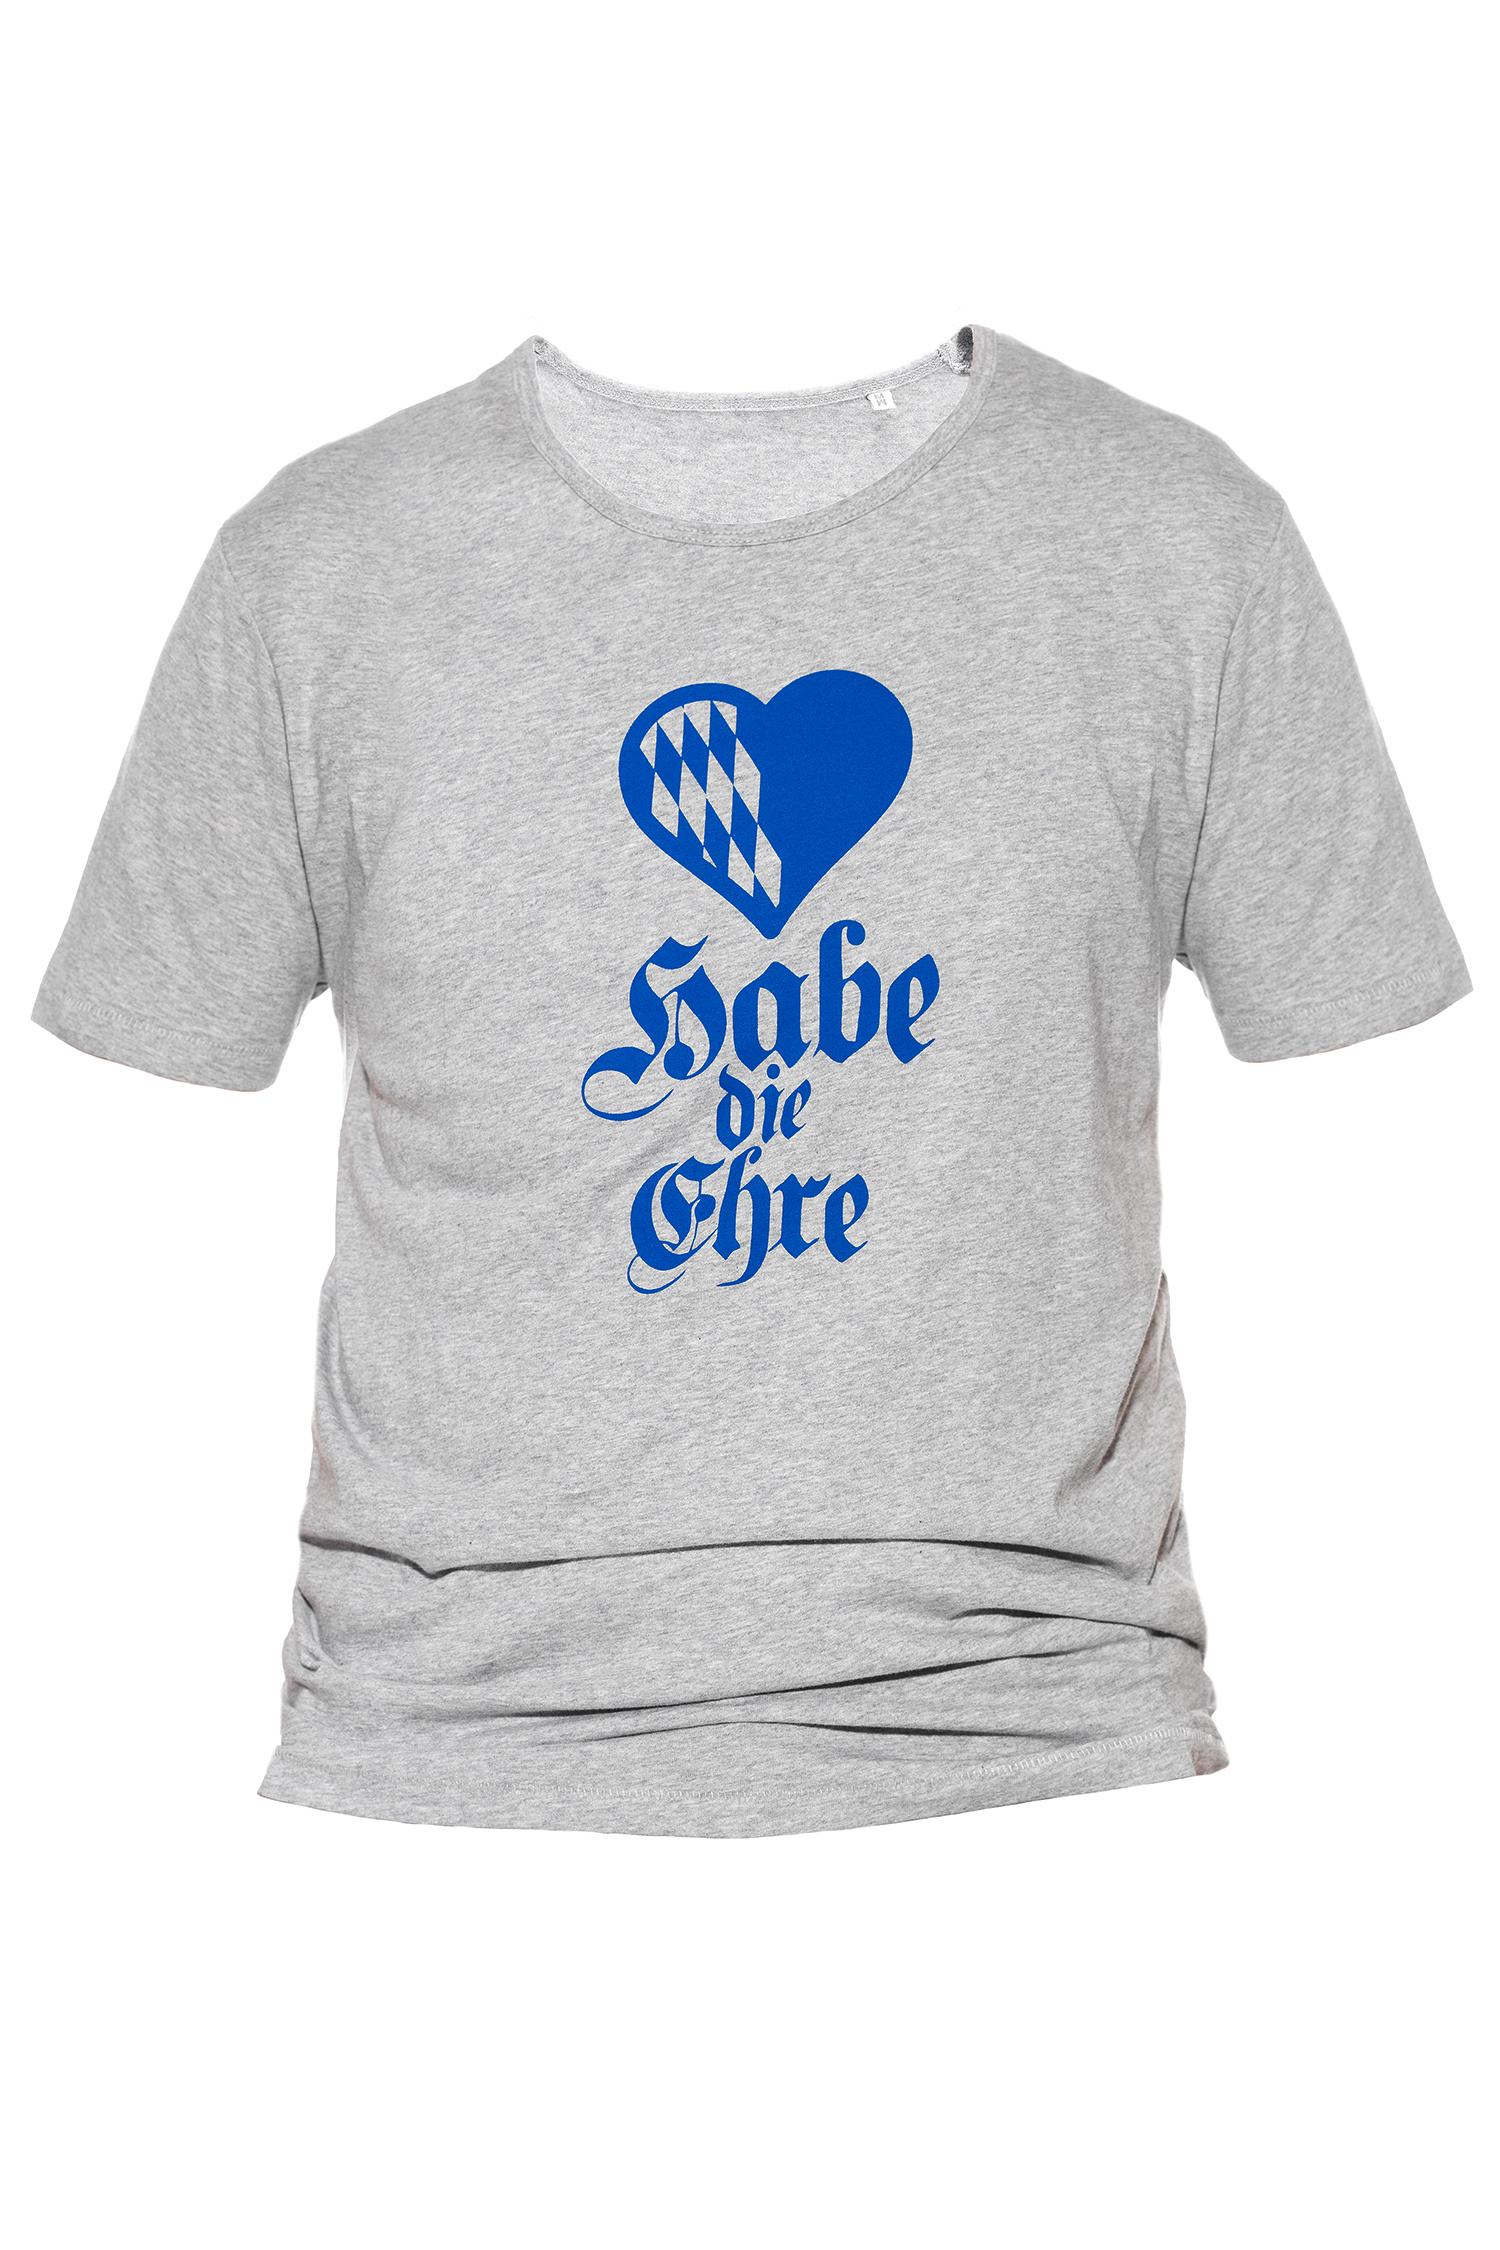 T-Shirt Habe die Ehre Herren